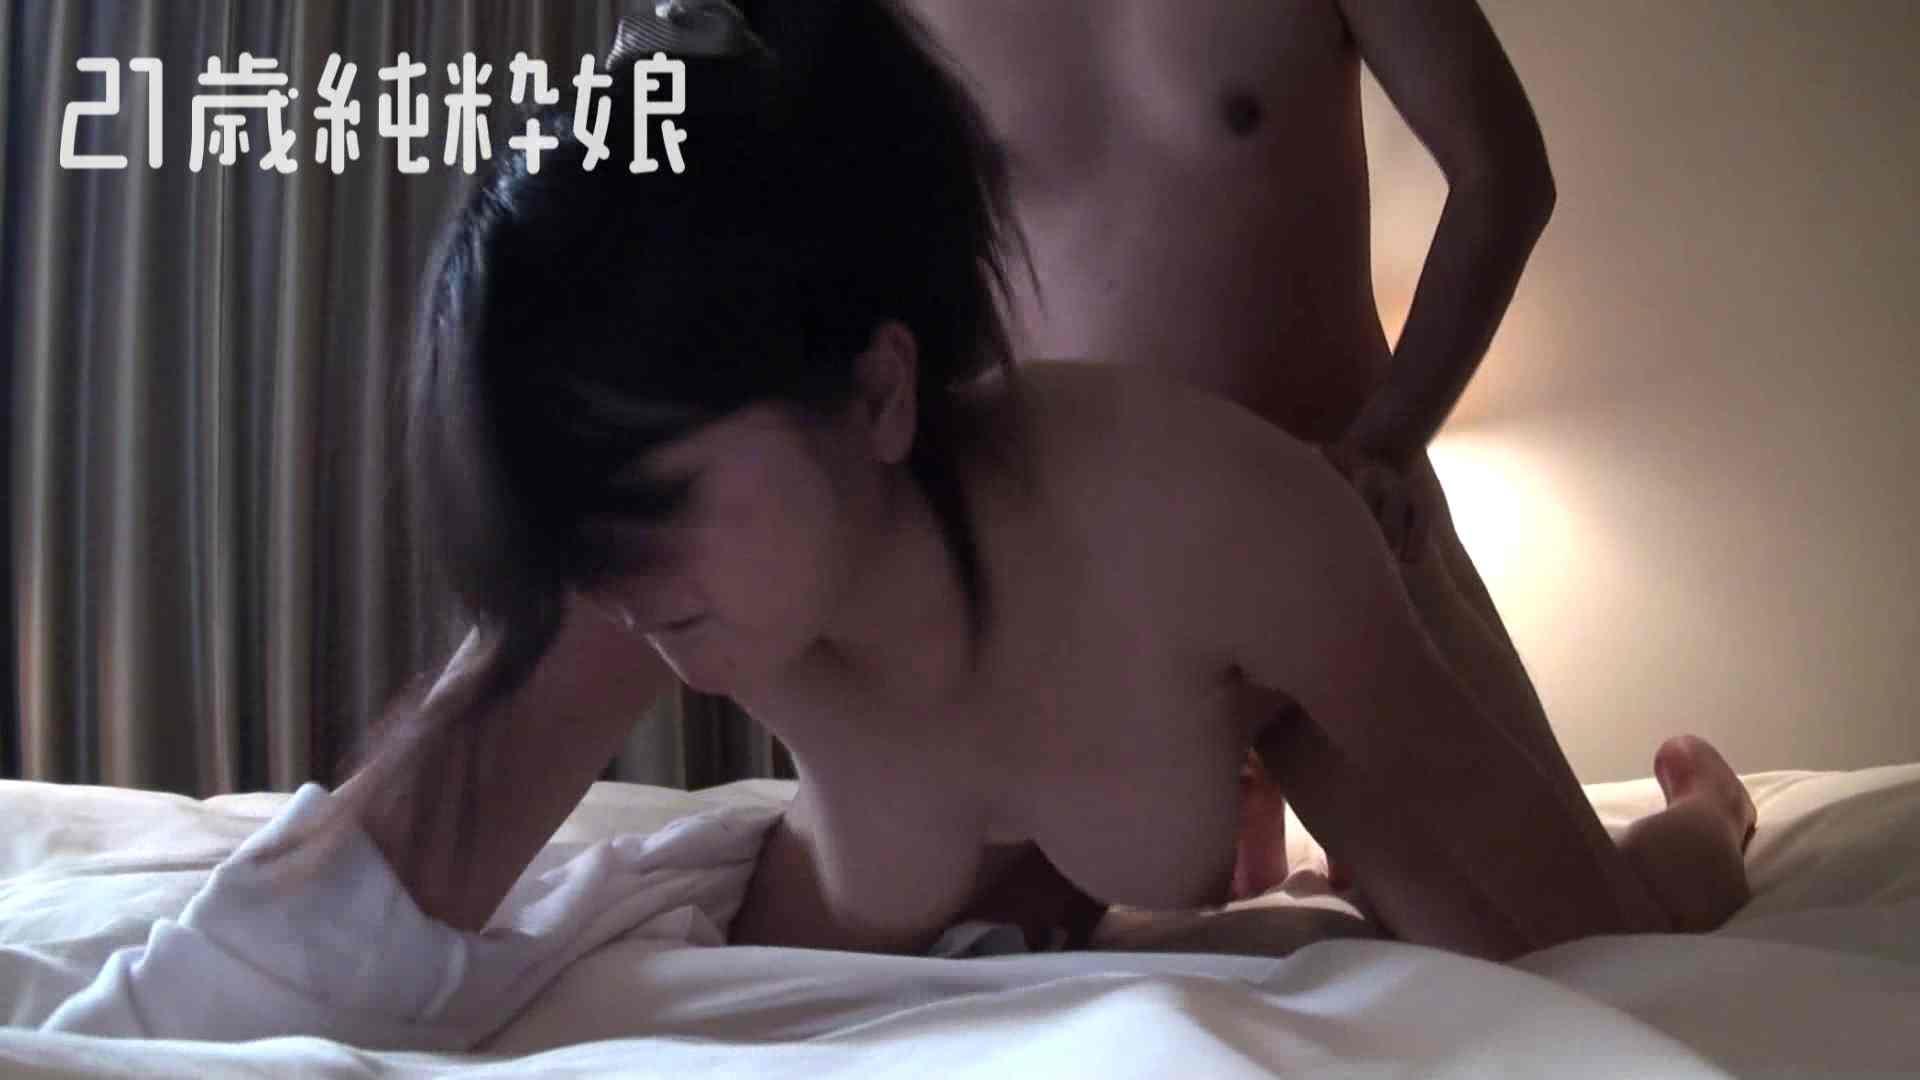 上京したばかりのGカップ21歳純粋嬢を都合の良い女にしてみた2 一般投稿 | オナニー覗き見  102pic 97